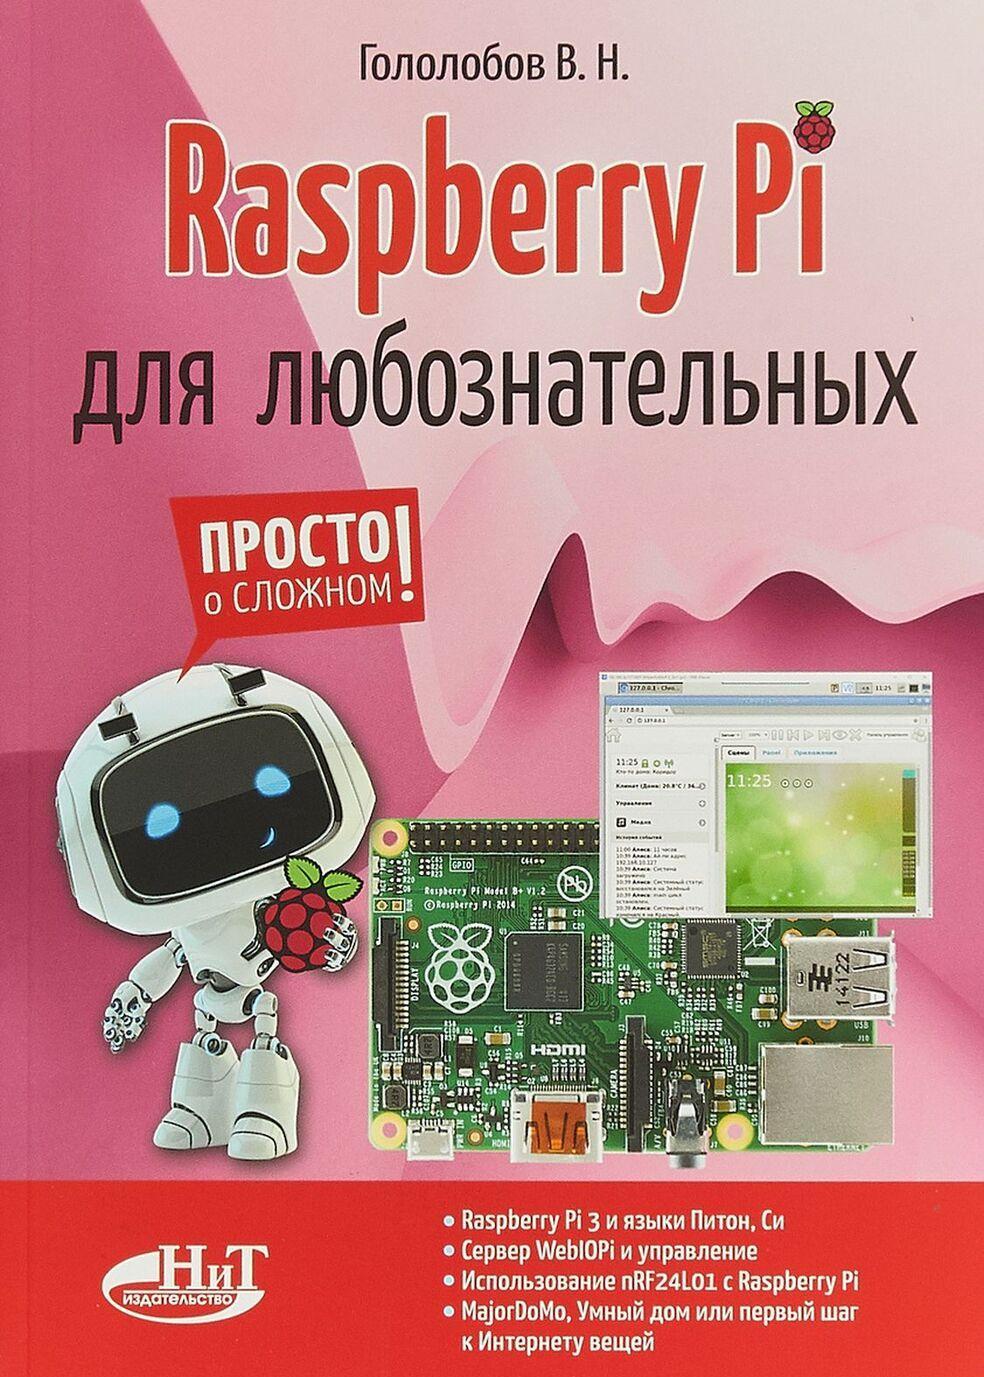 Raspberry Pi dlja ljuboznatelnykh